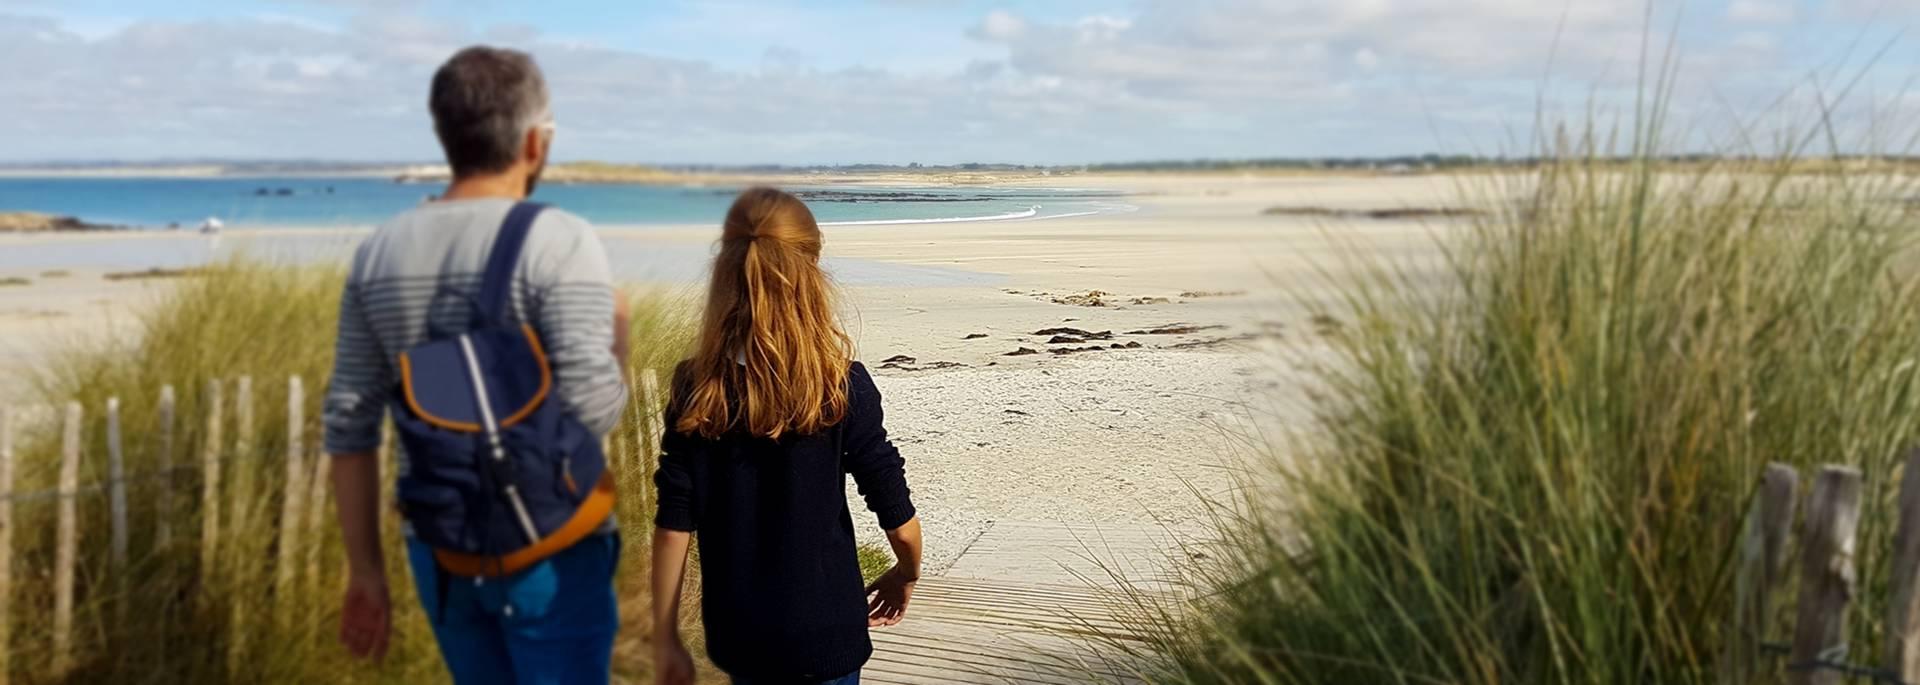 Balade en famille le long de la côte à Penmarc'h en pays Bigouden © E Cléret